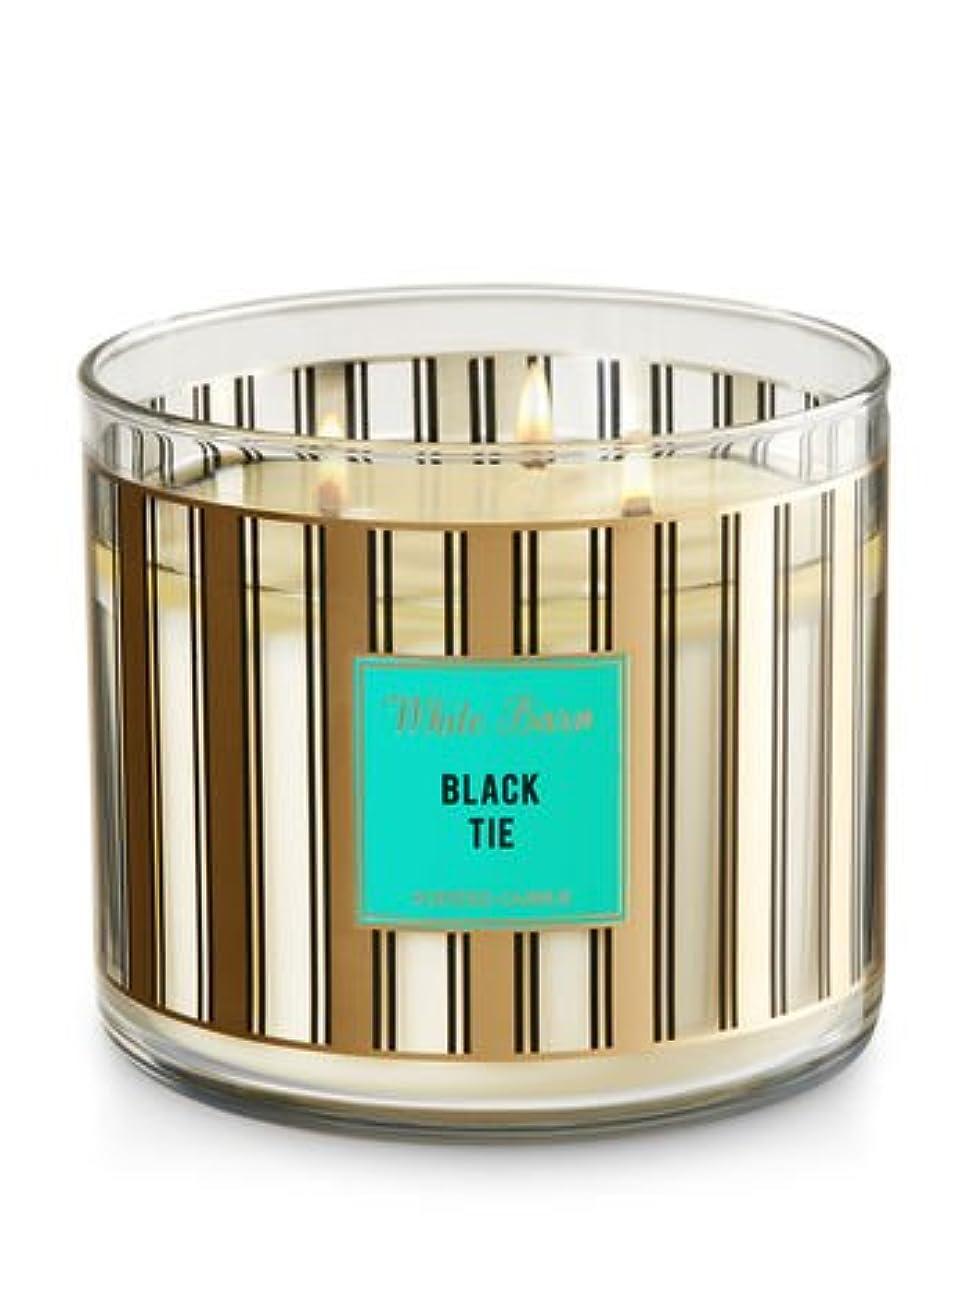 写真撮影混合したためにBath & Body Worksホワイトバーン3-wick Candle inブラックタイ